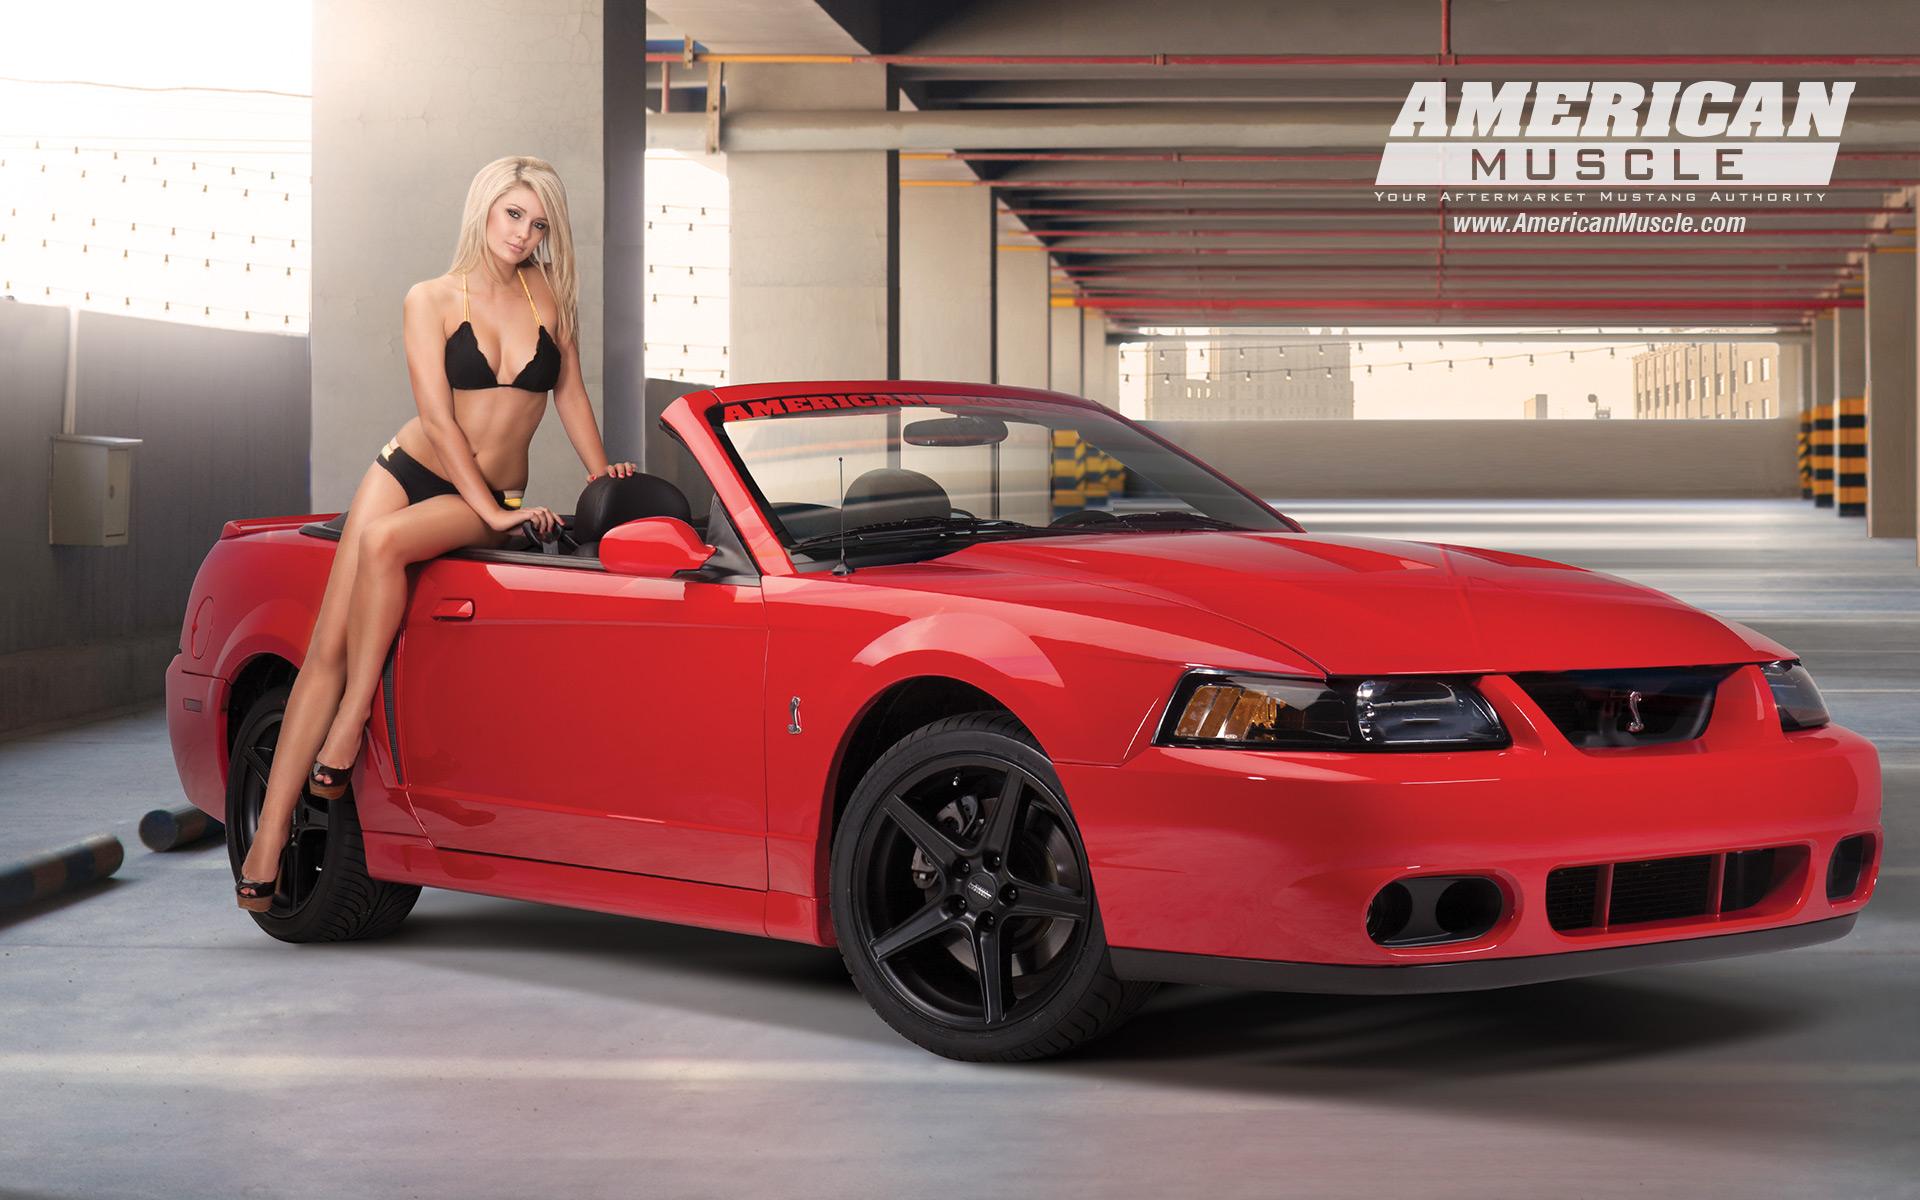 Meet the 2013 AM Calendar Girls | AmericanMuscle.com